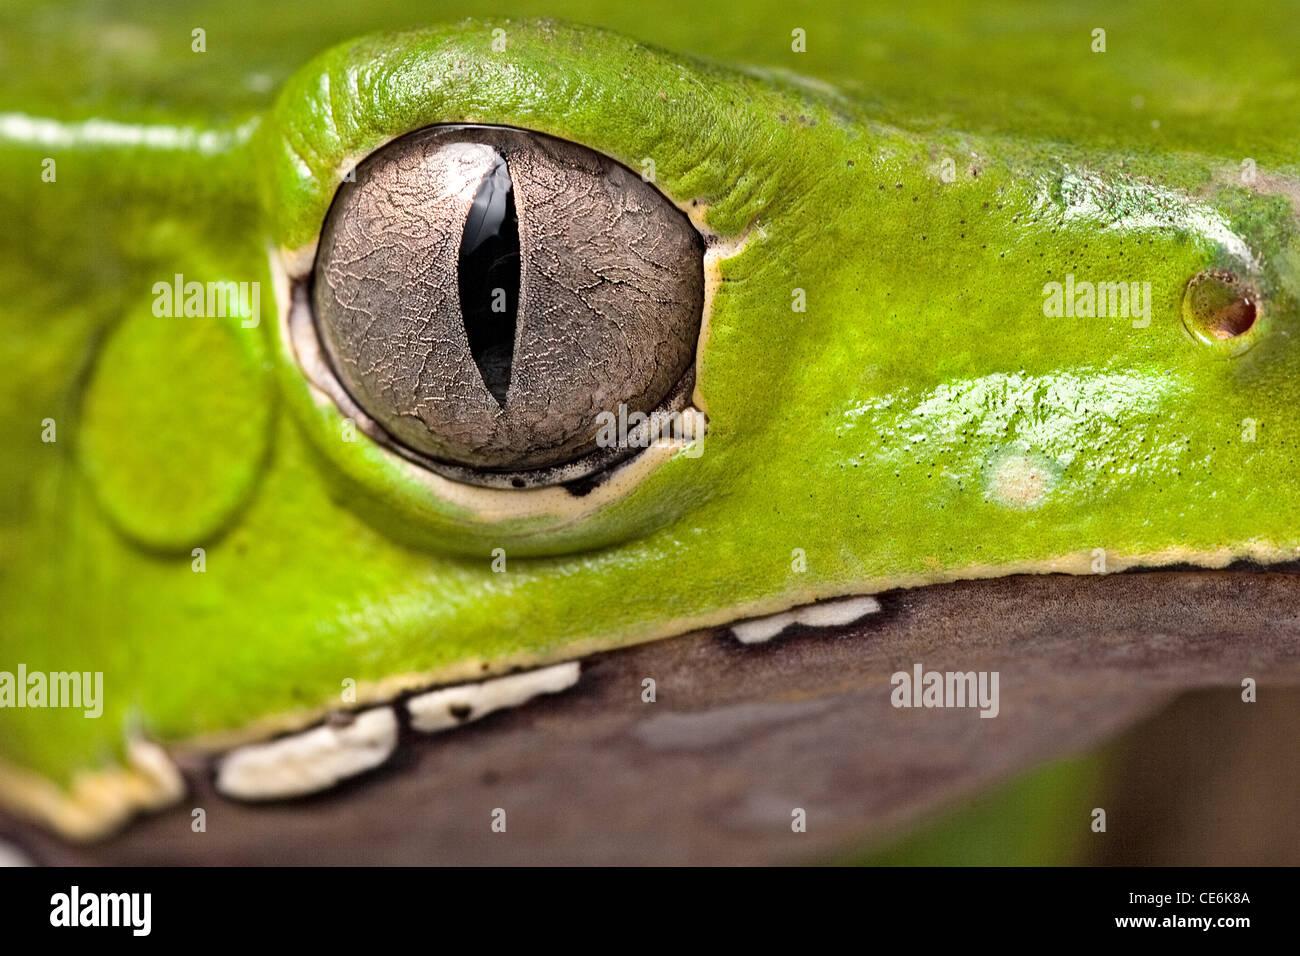 Detalle del ojo animal cabeza anfibios rana de árbol hermoso animal pupila vertical detalle de iris Phyllomedusa Imagen De Stock